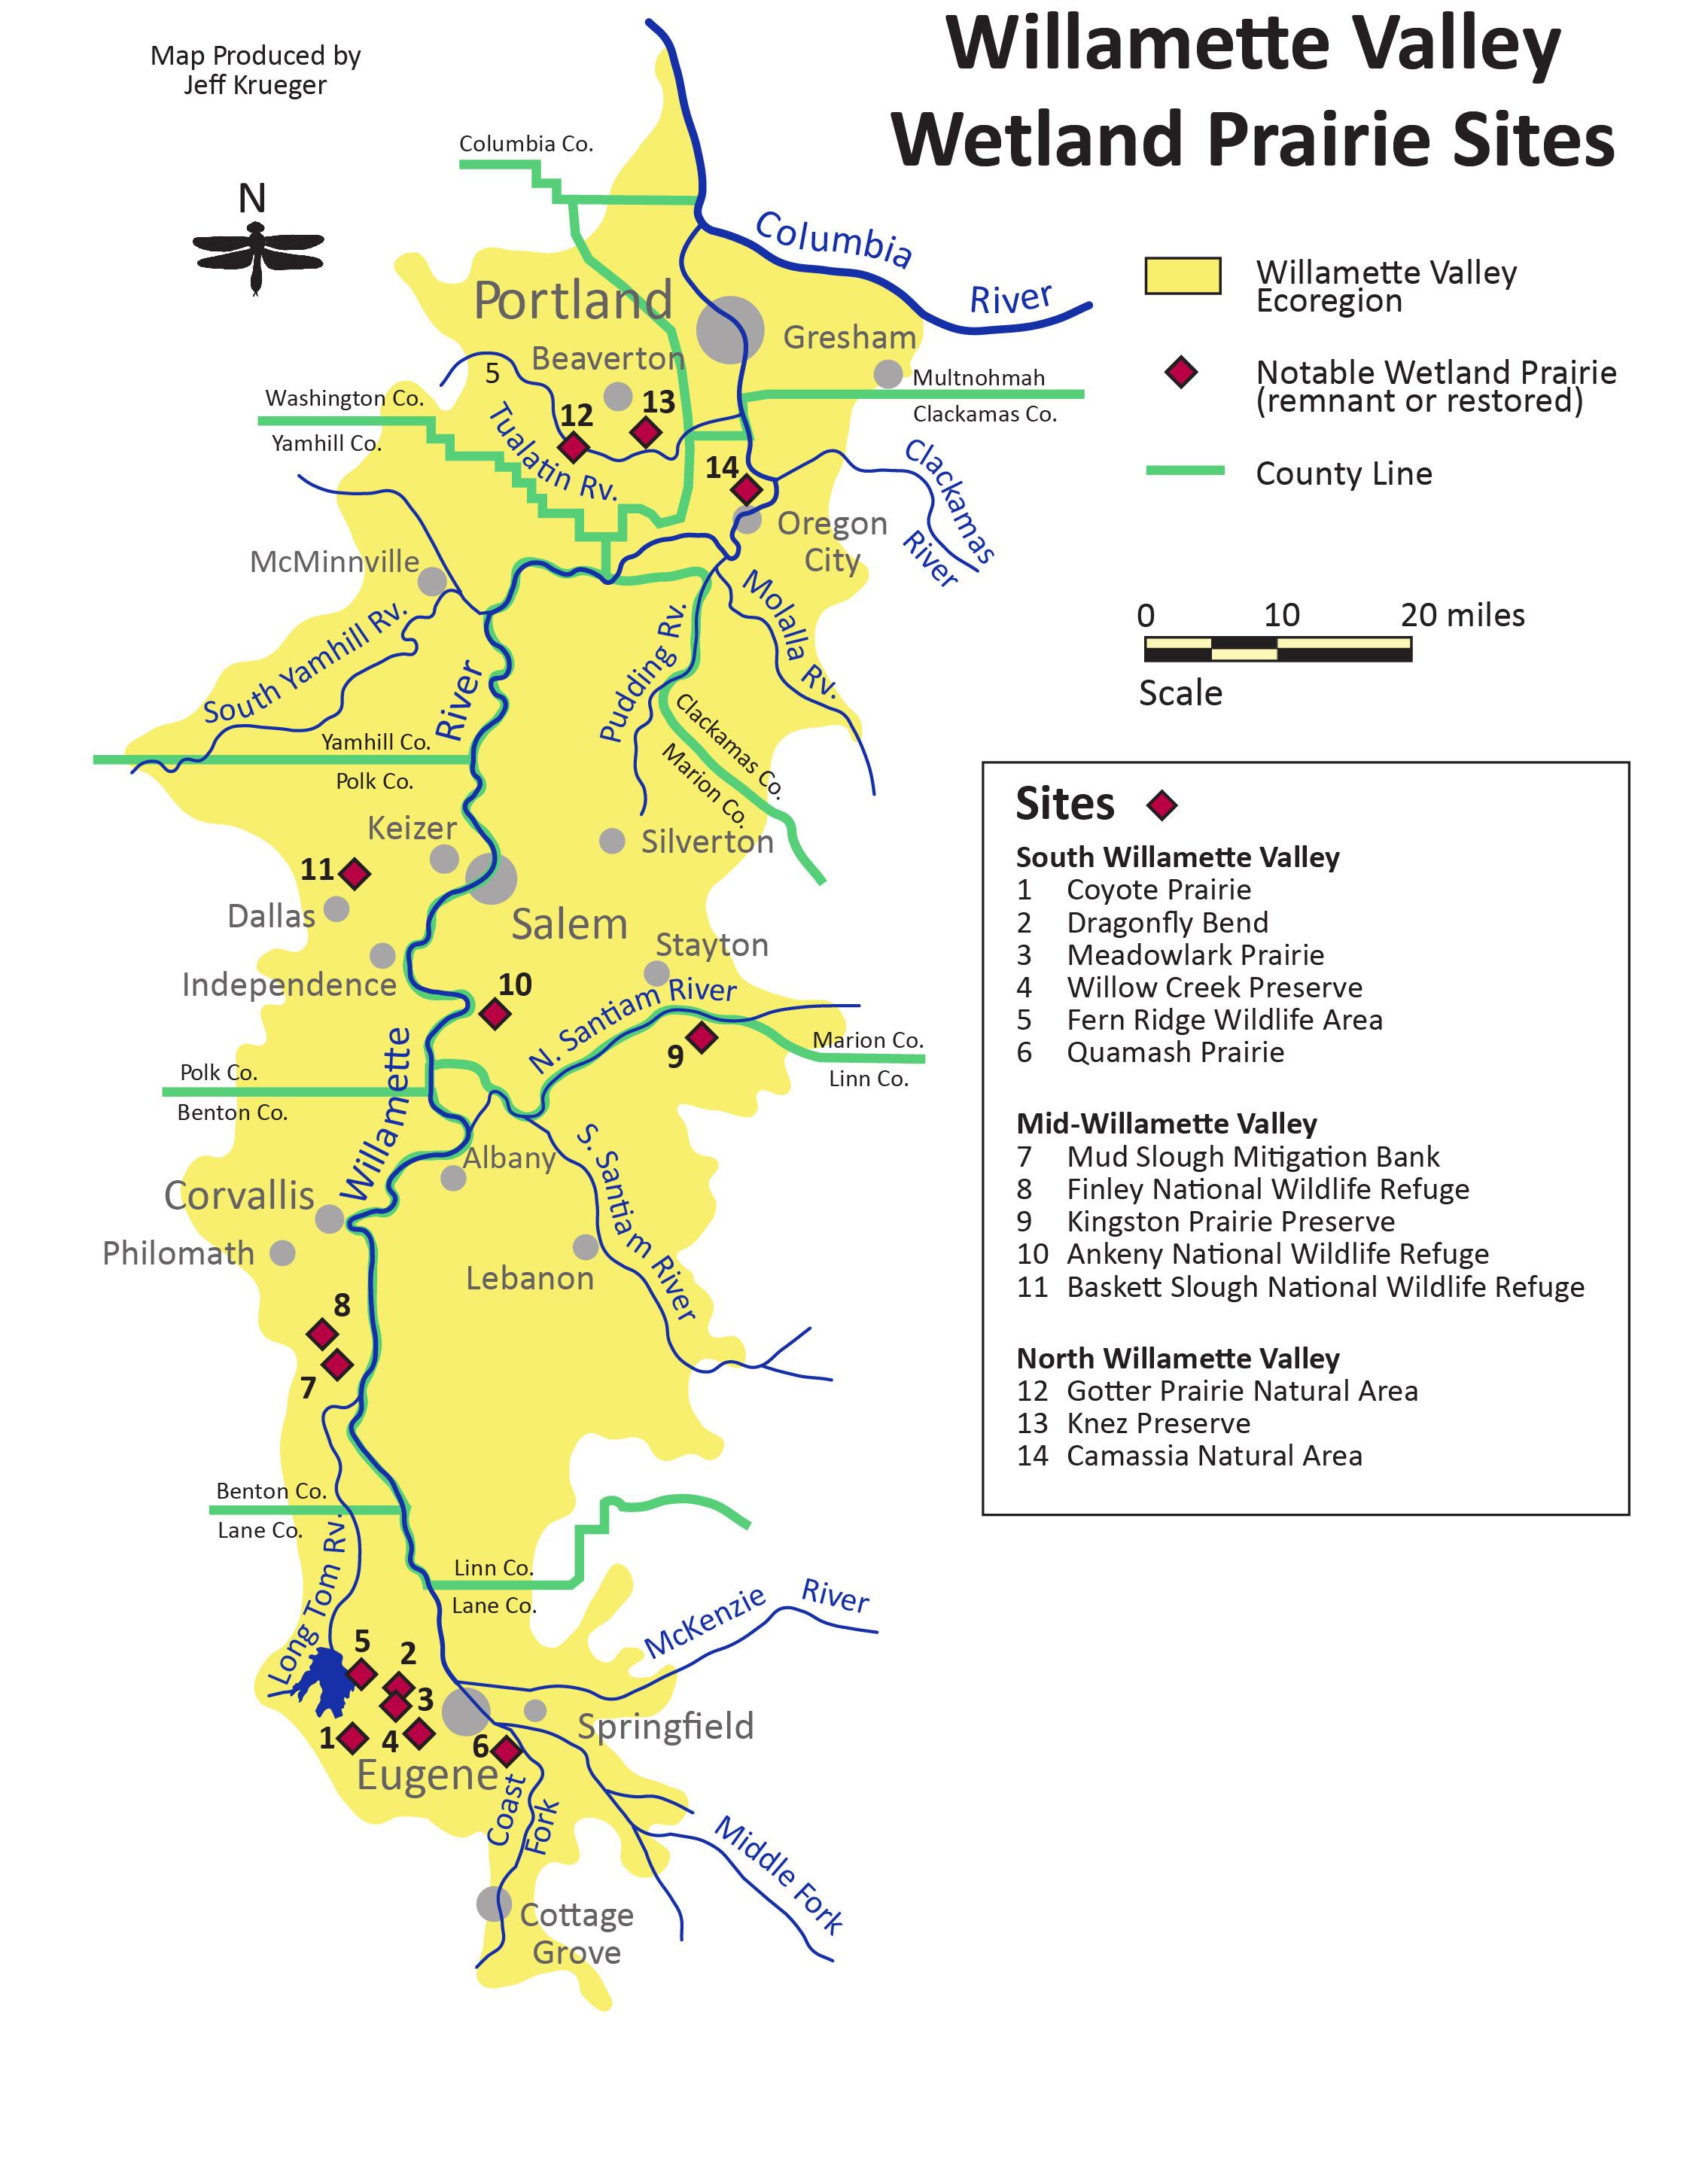 WillametteValleyWet Prairie Sites Map